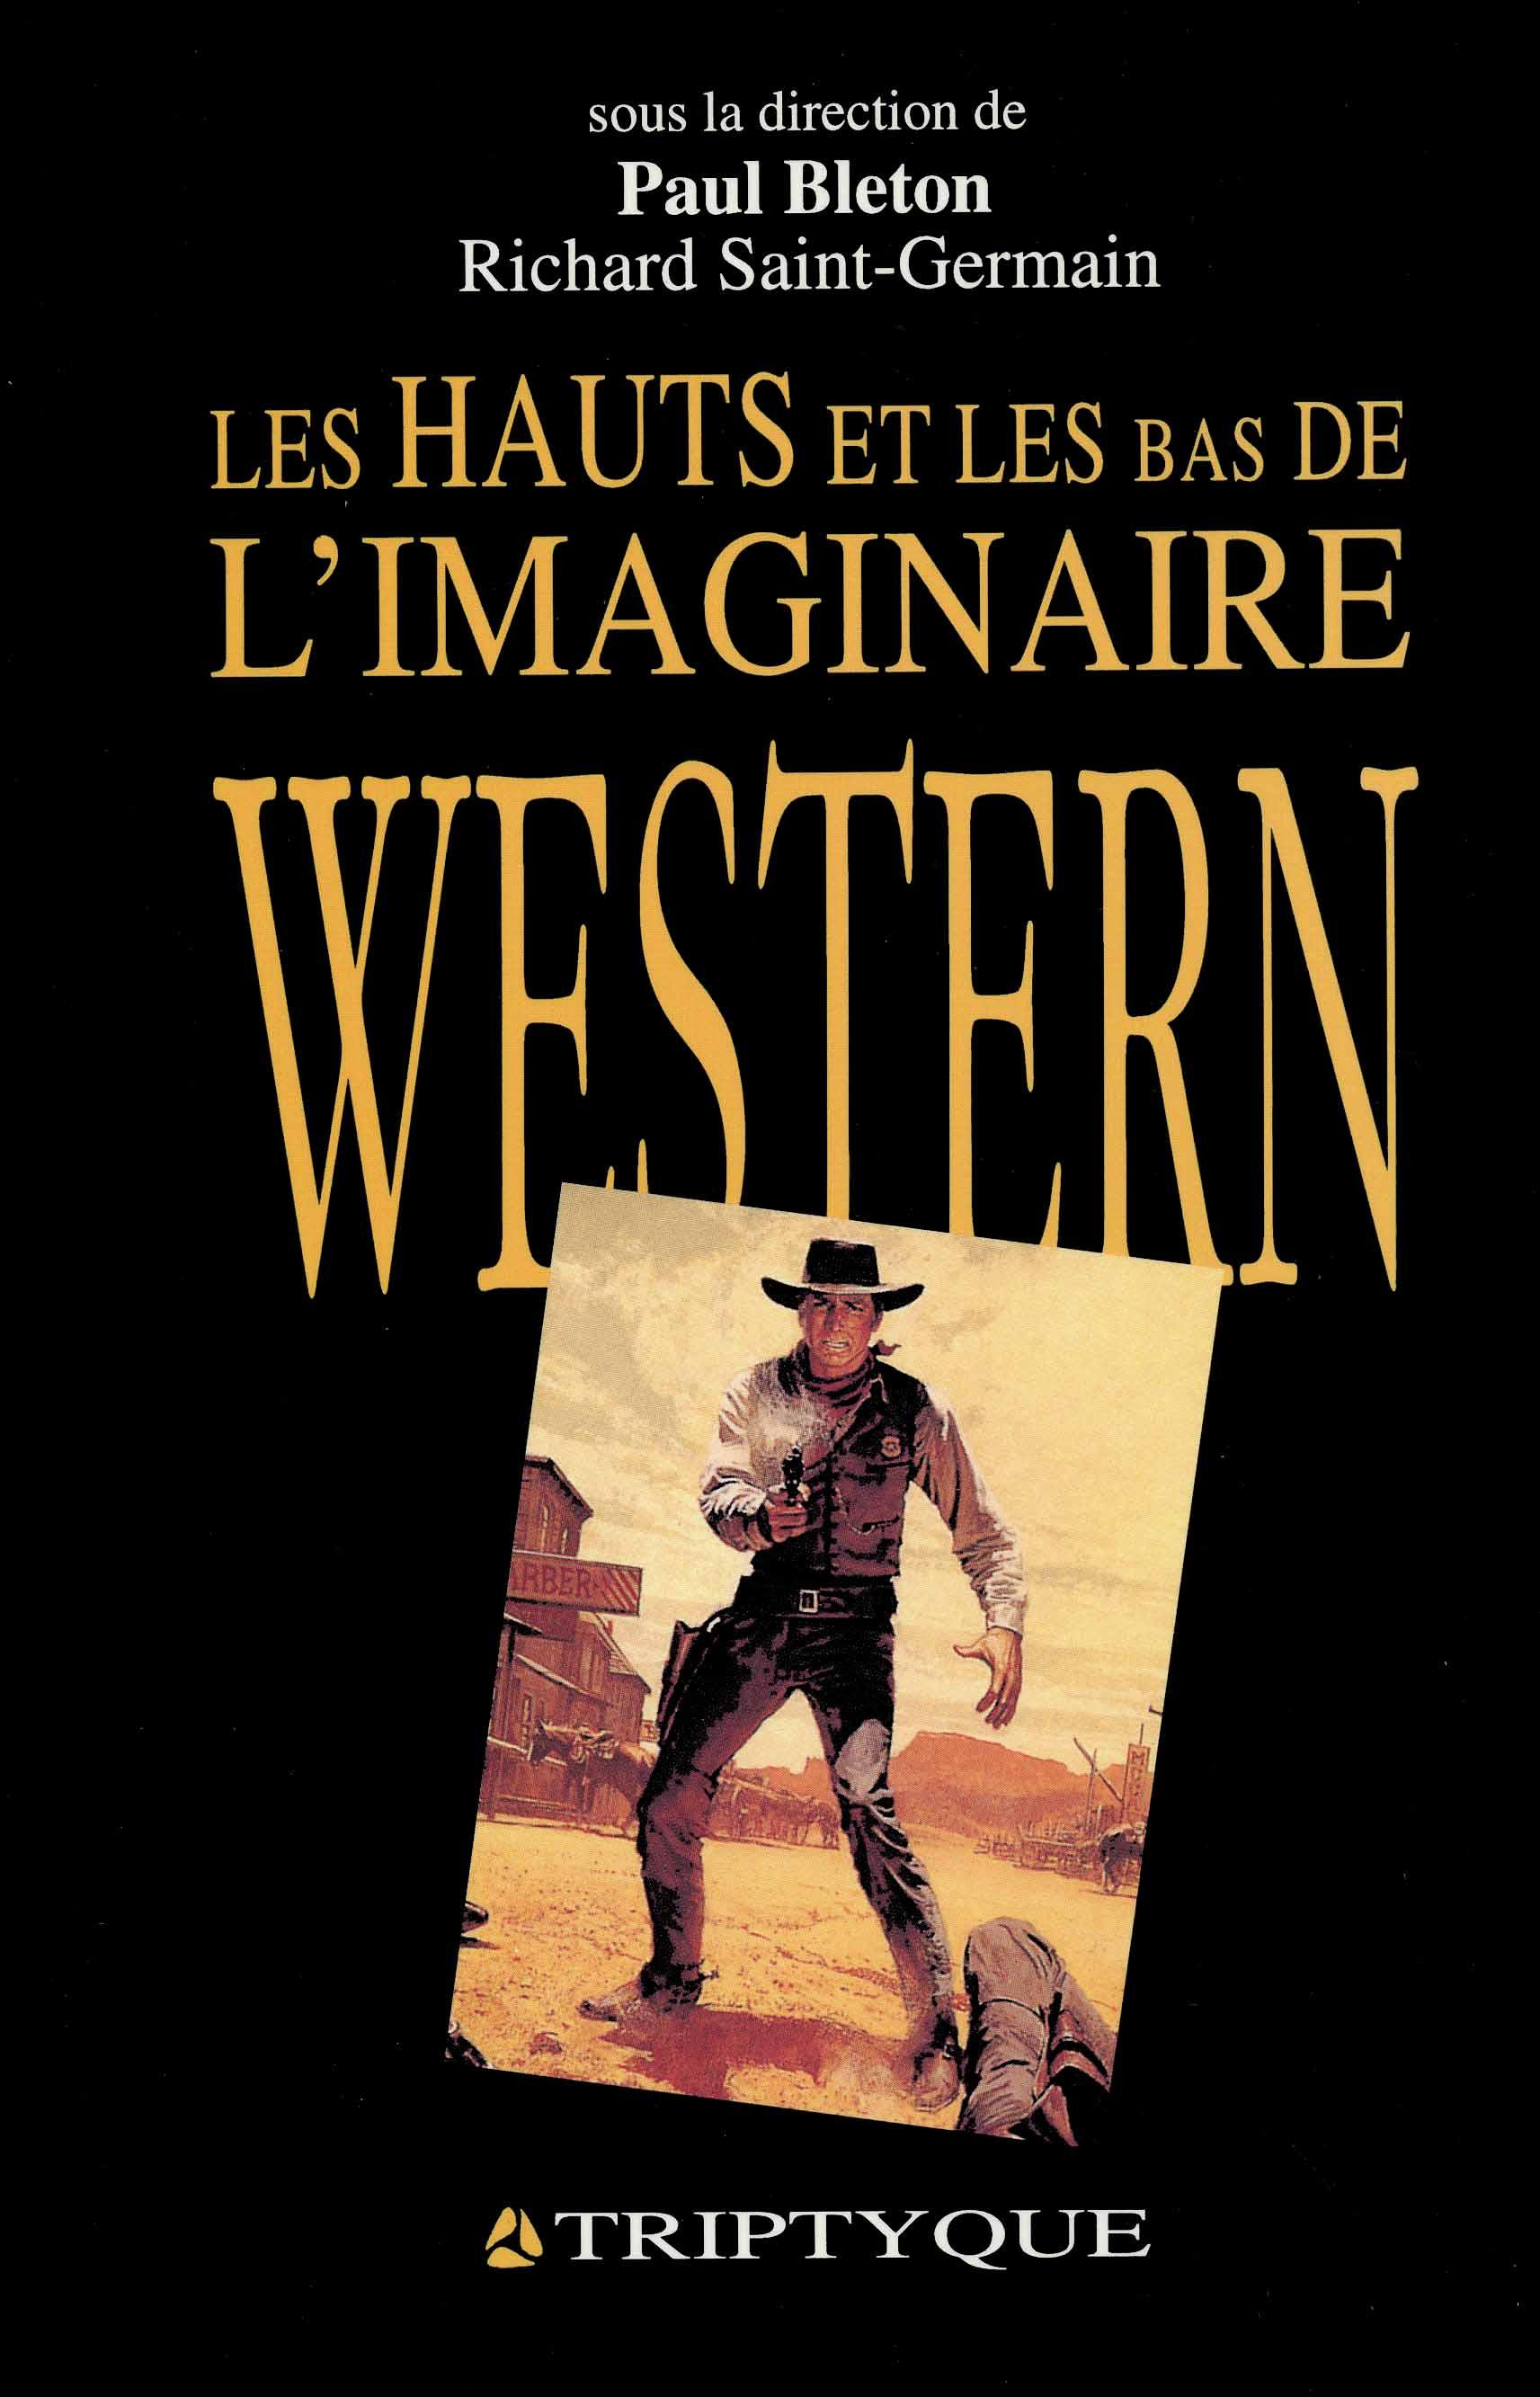 les hauts et les bas de l'imaginaire western